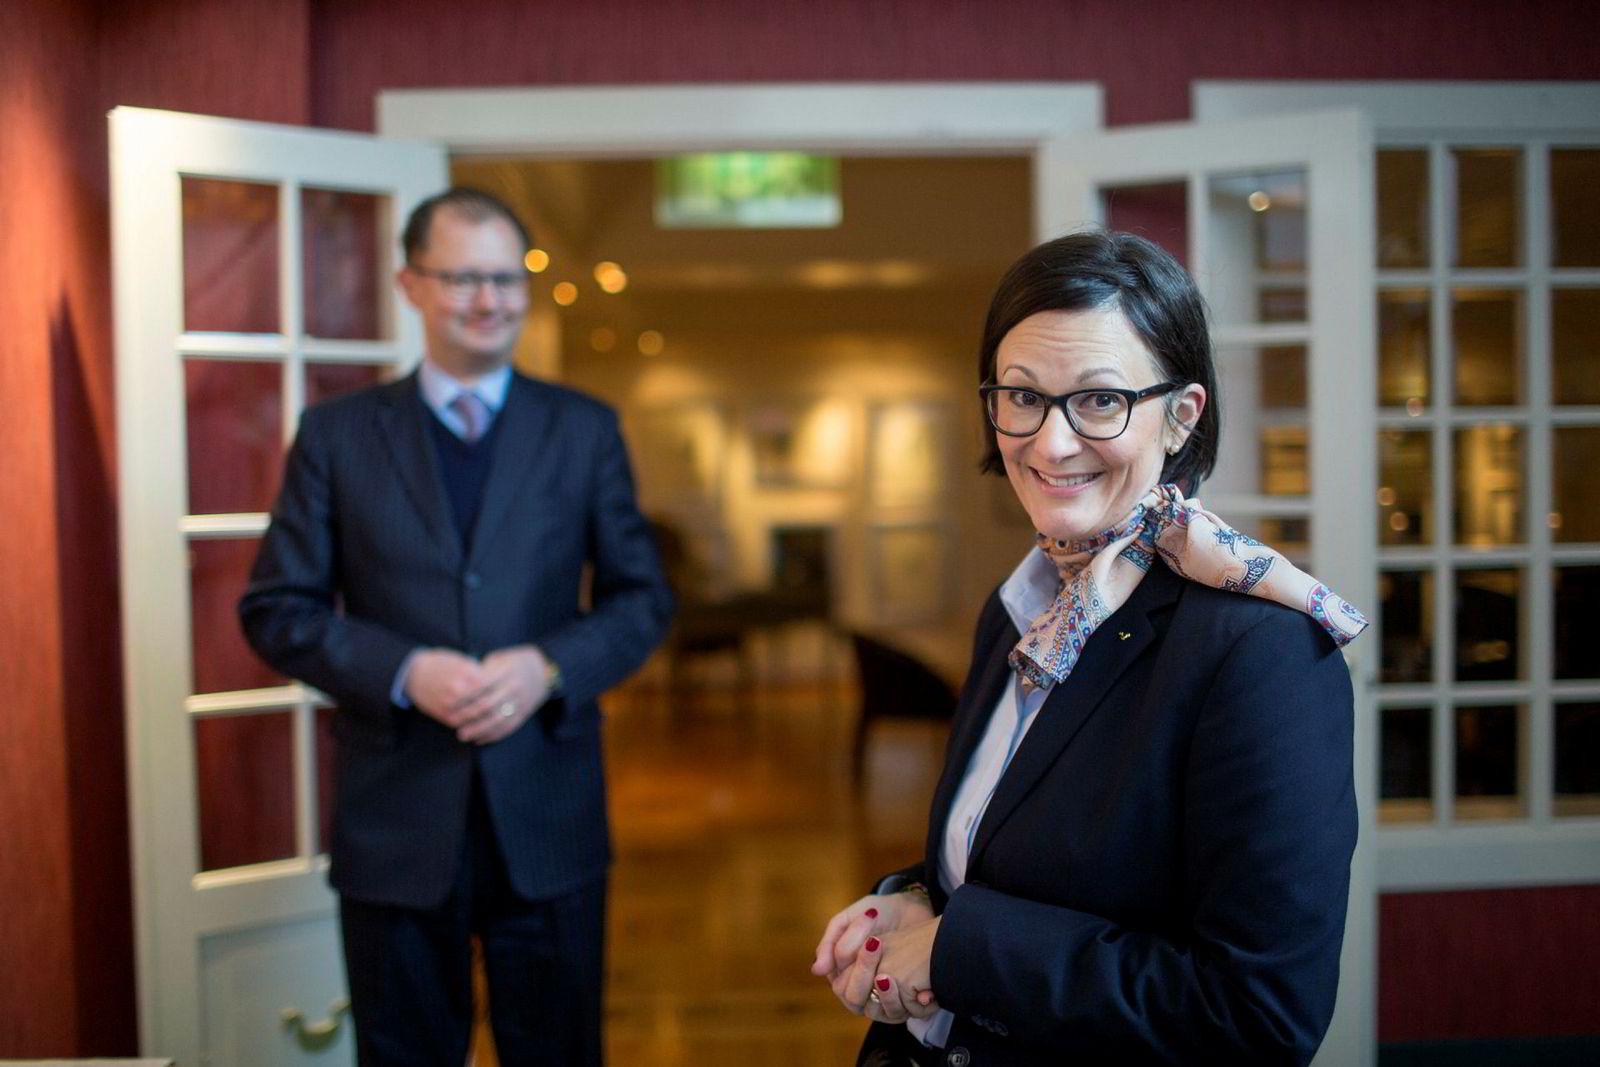 Barbara Zanoni Utne, med ektemannen Hans Edmund Utne i bakgrunnen, kastet Booking.com på båten i fjor og mener det er på tide at også Norge forbyr nettreisegigantenes prisklausuler.